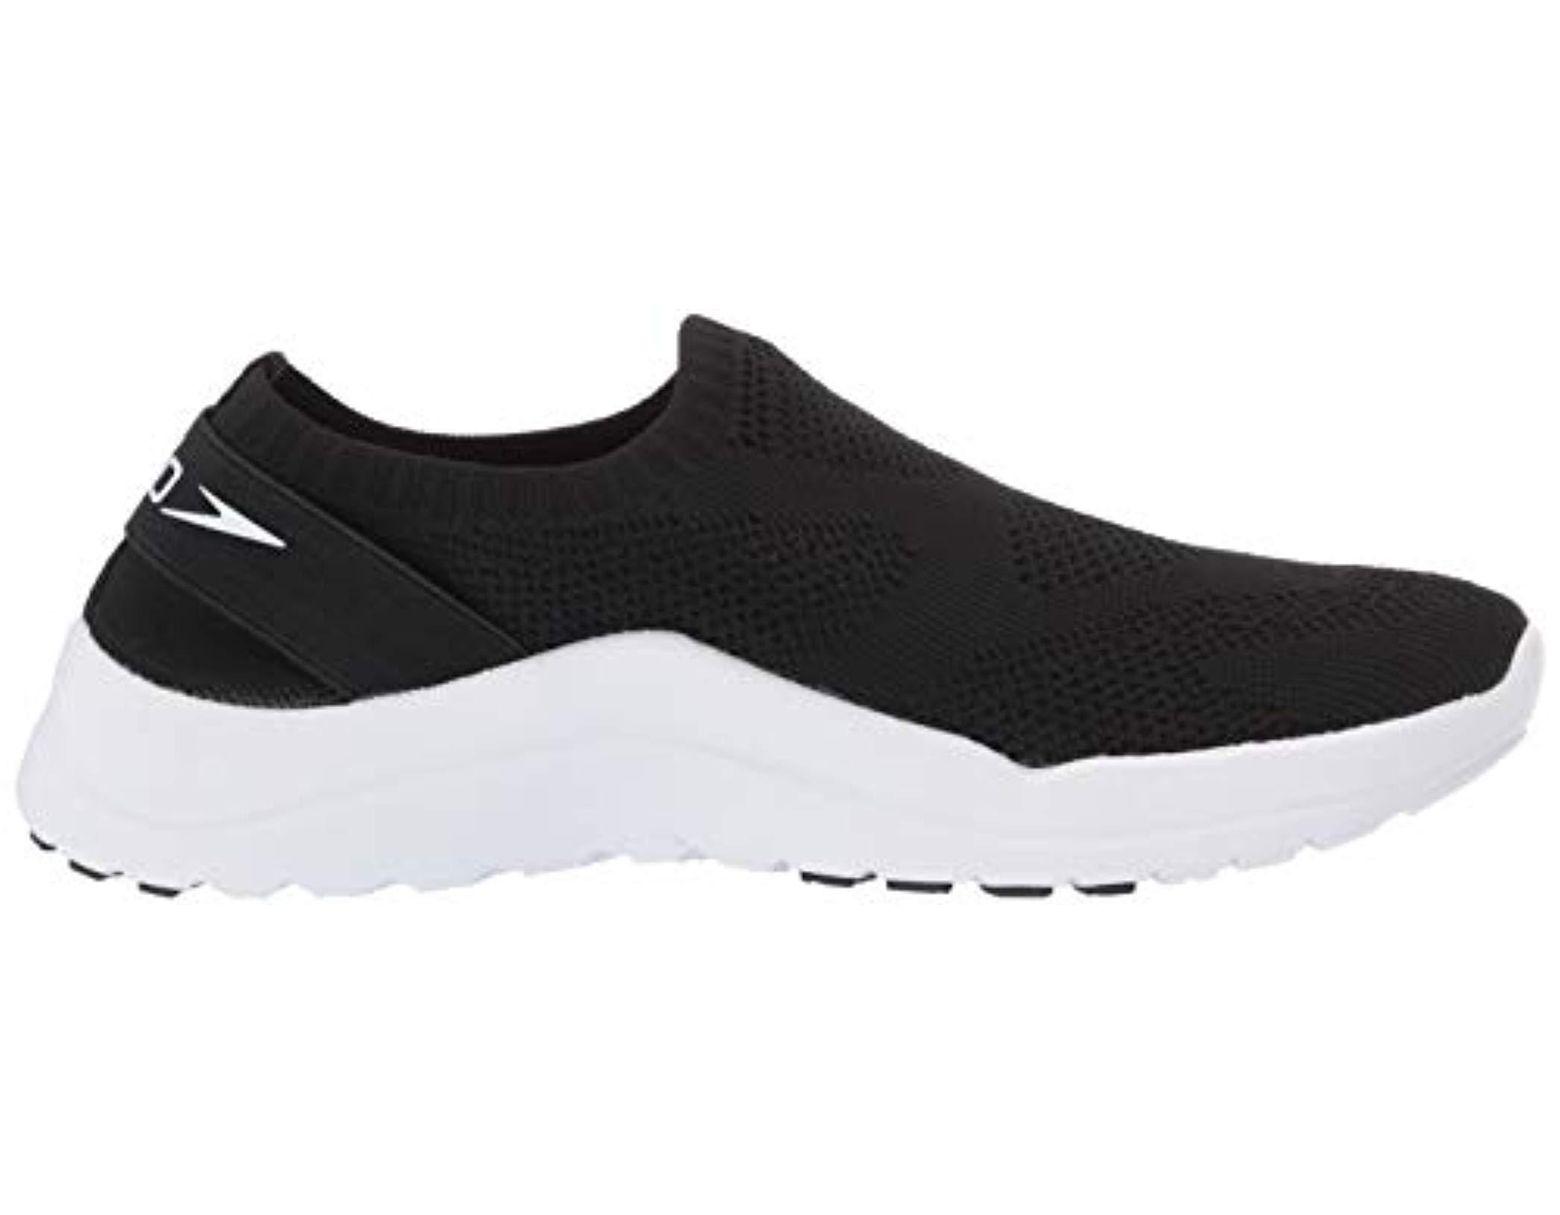 8aa605060e74 Lyst - Speedo Surf Knit Ultra in Black